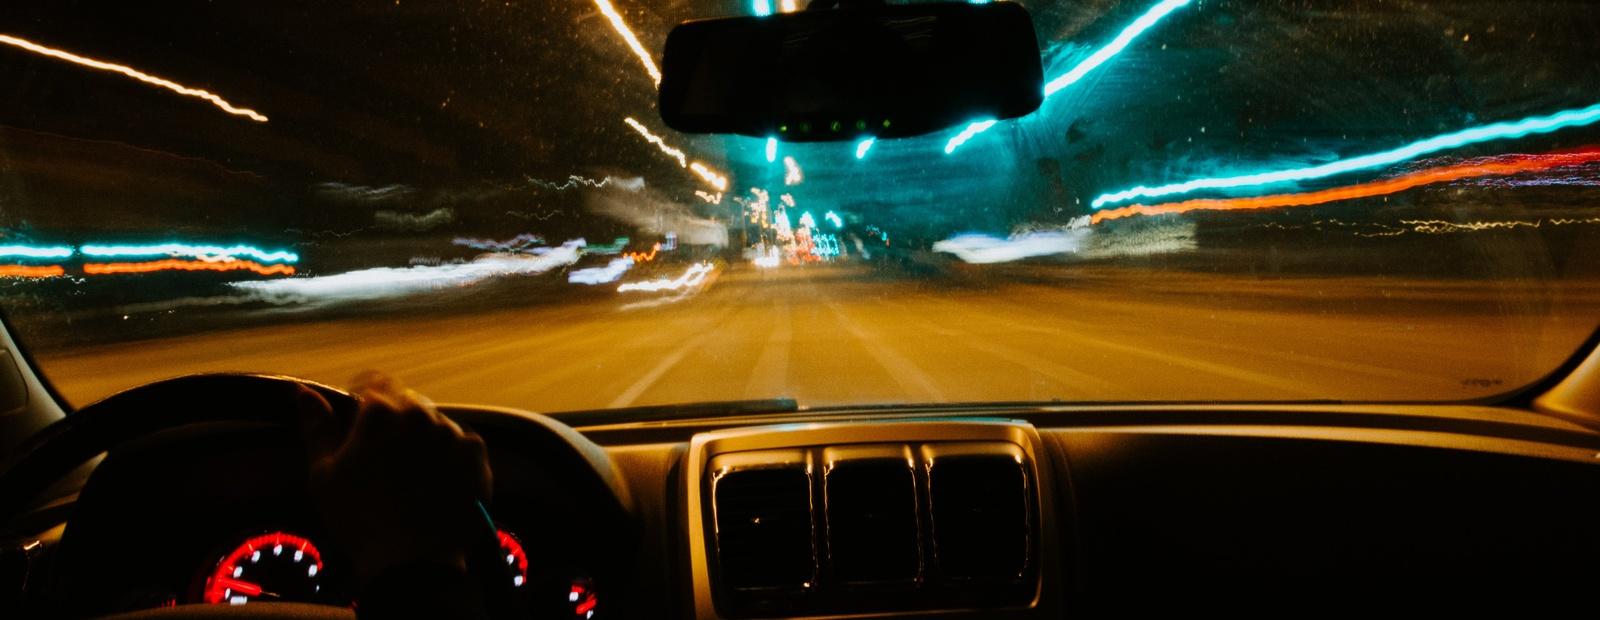 AUTONOMOUS VEHICLE SAFETY CRITICAL CONTROLLER